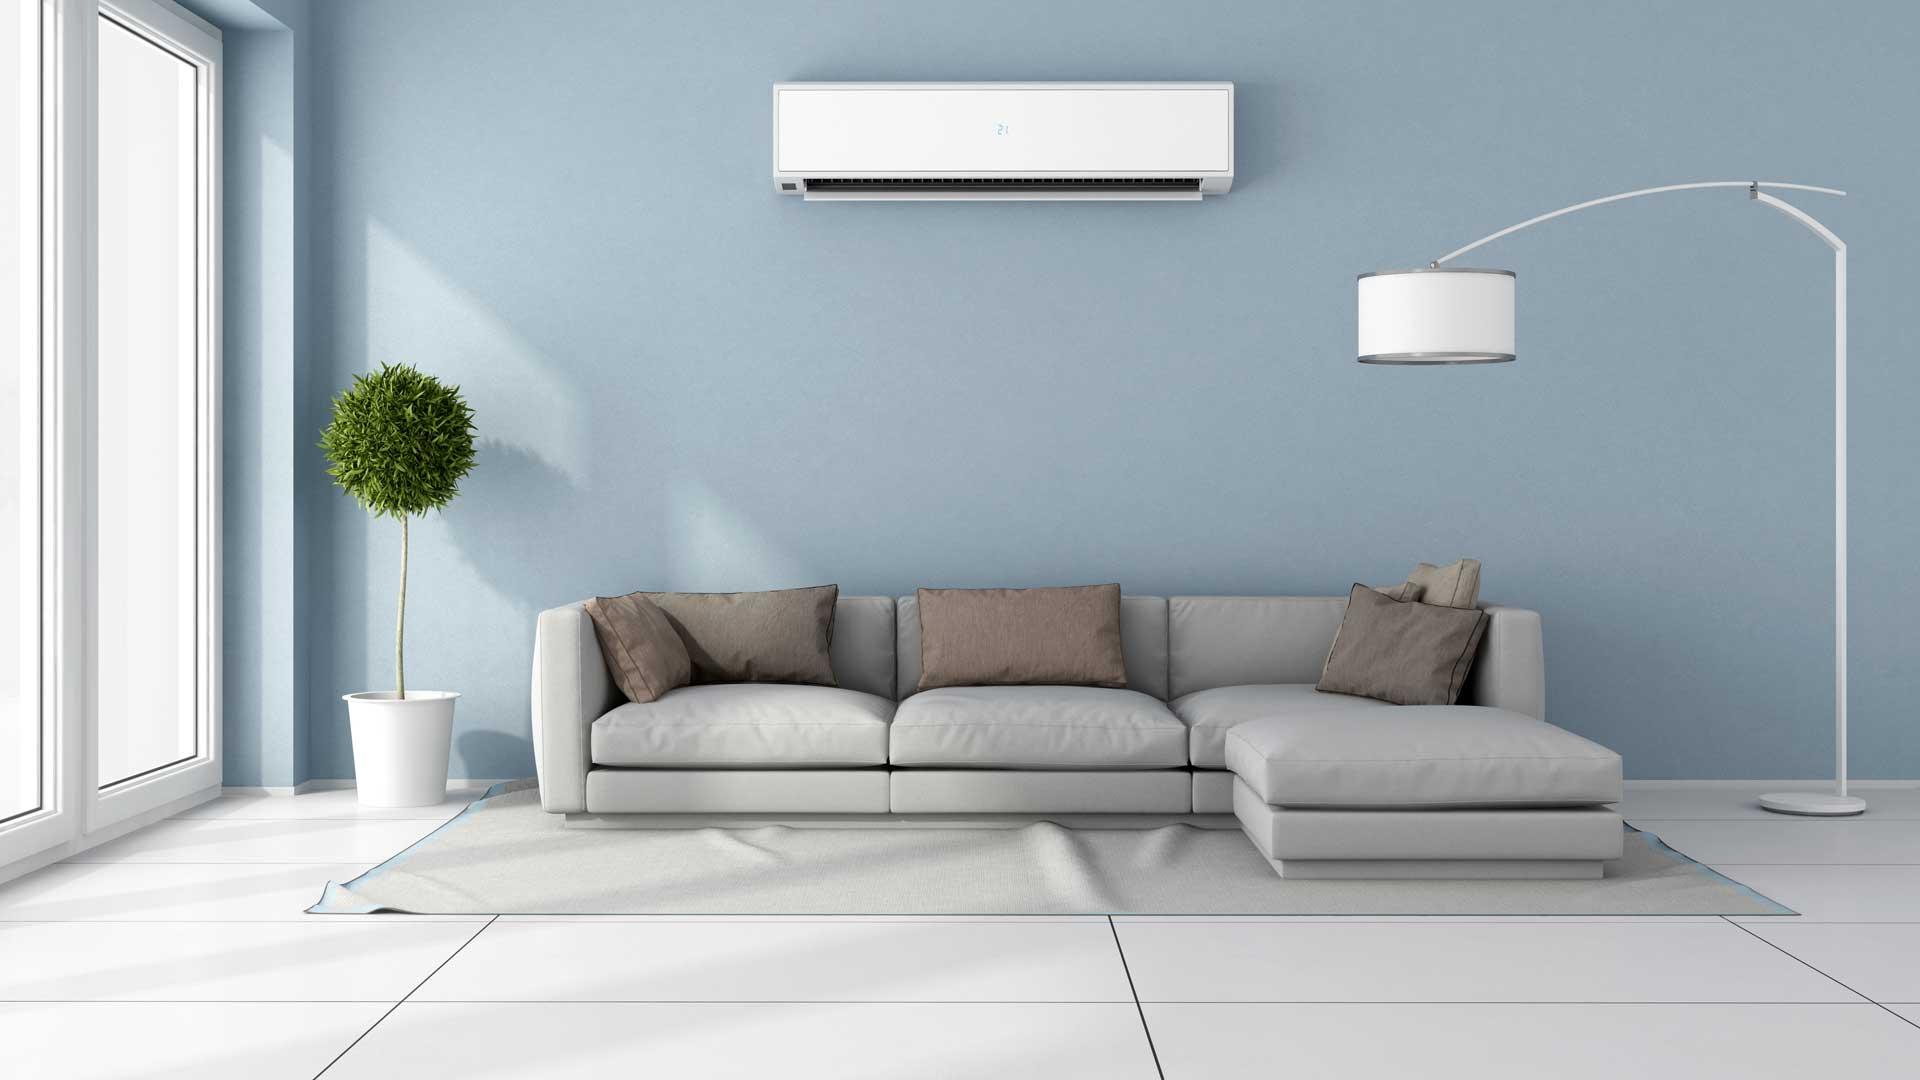 impianti termoidraulici e climatizzazione